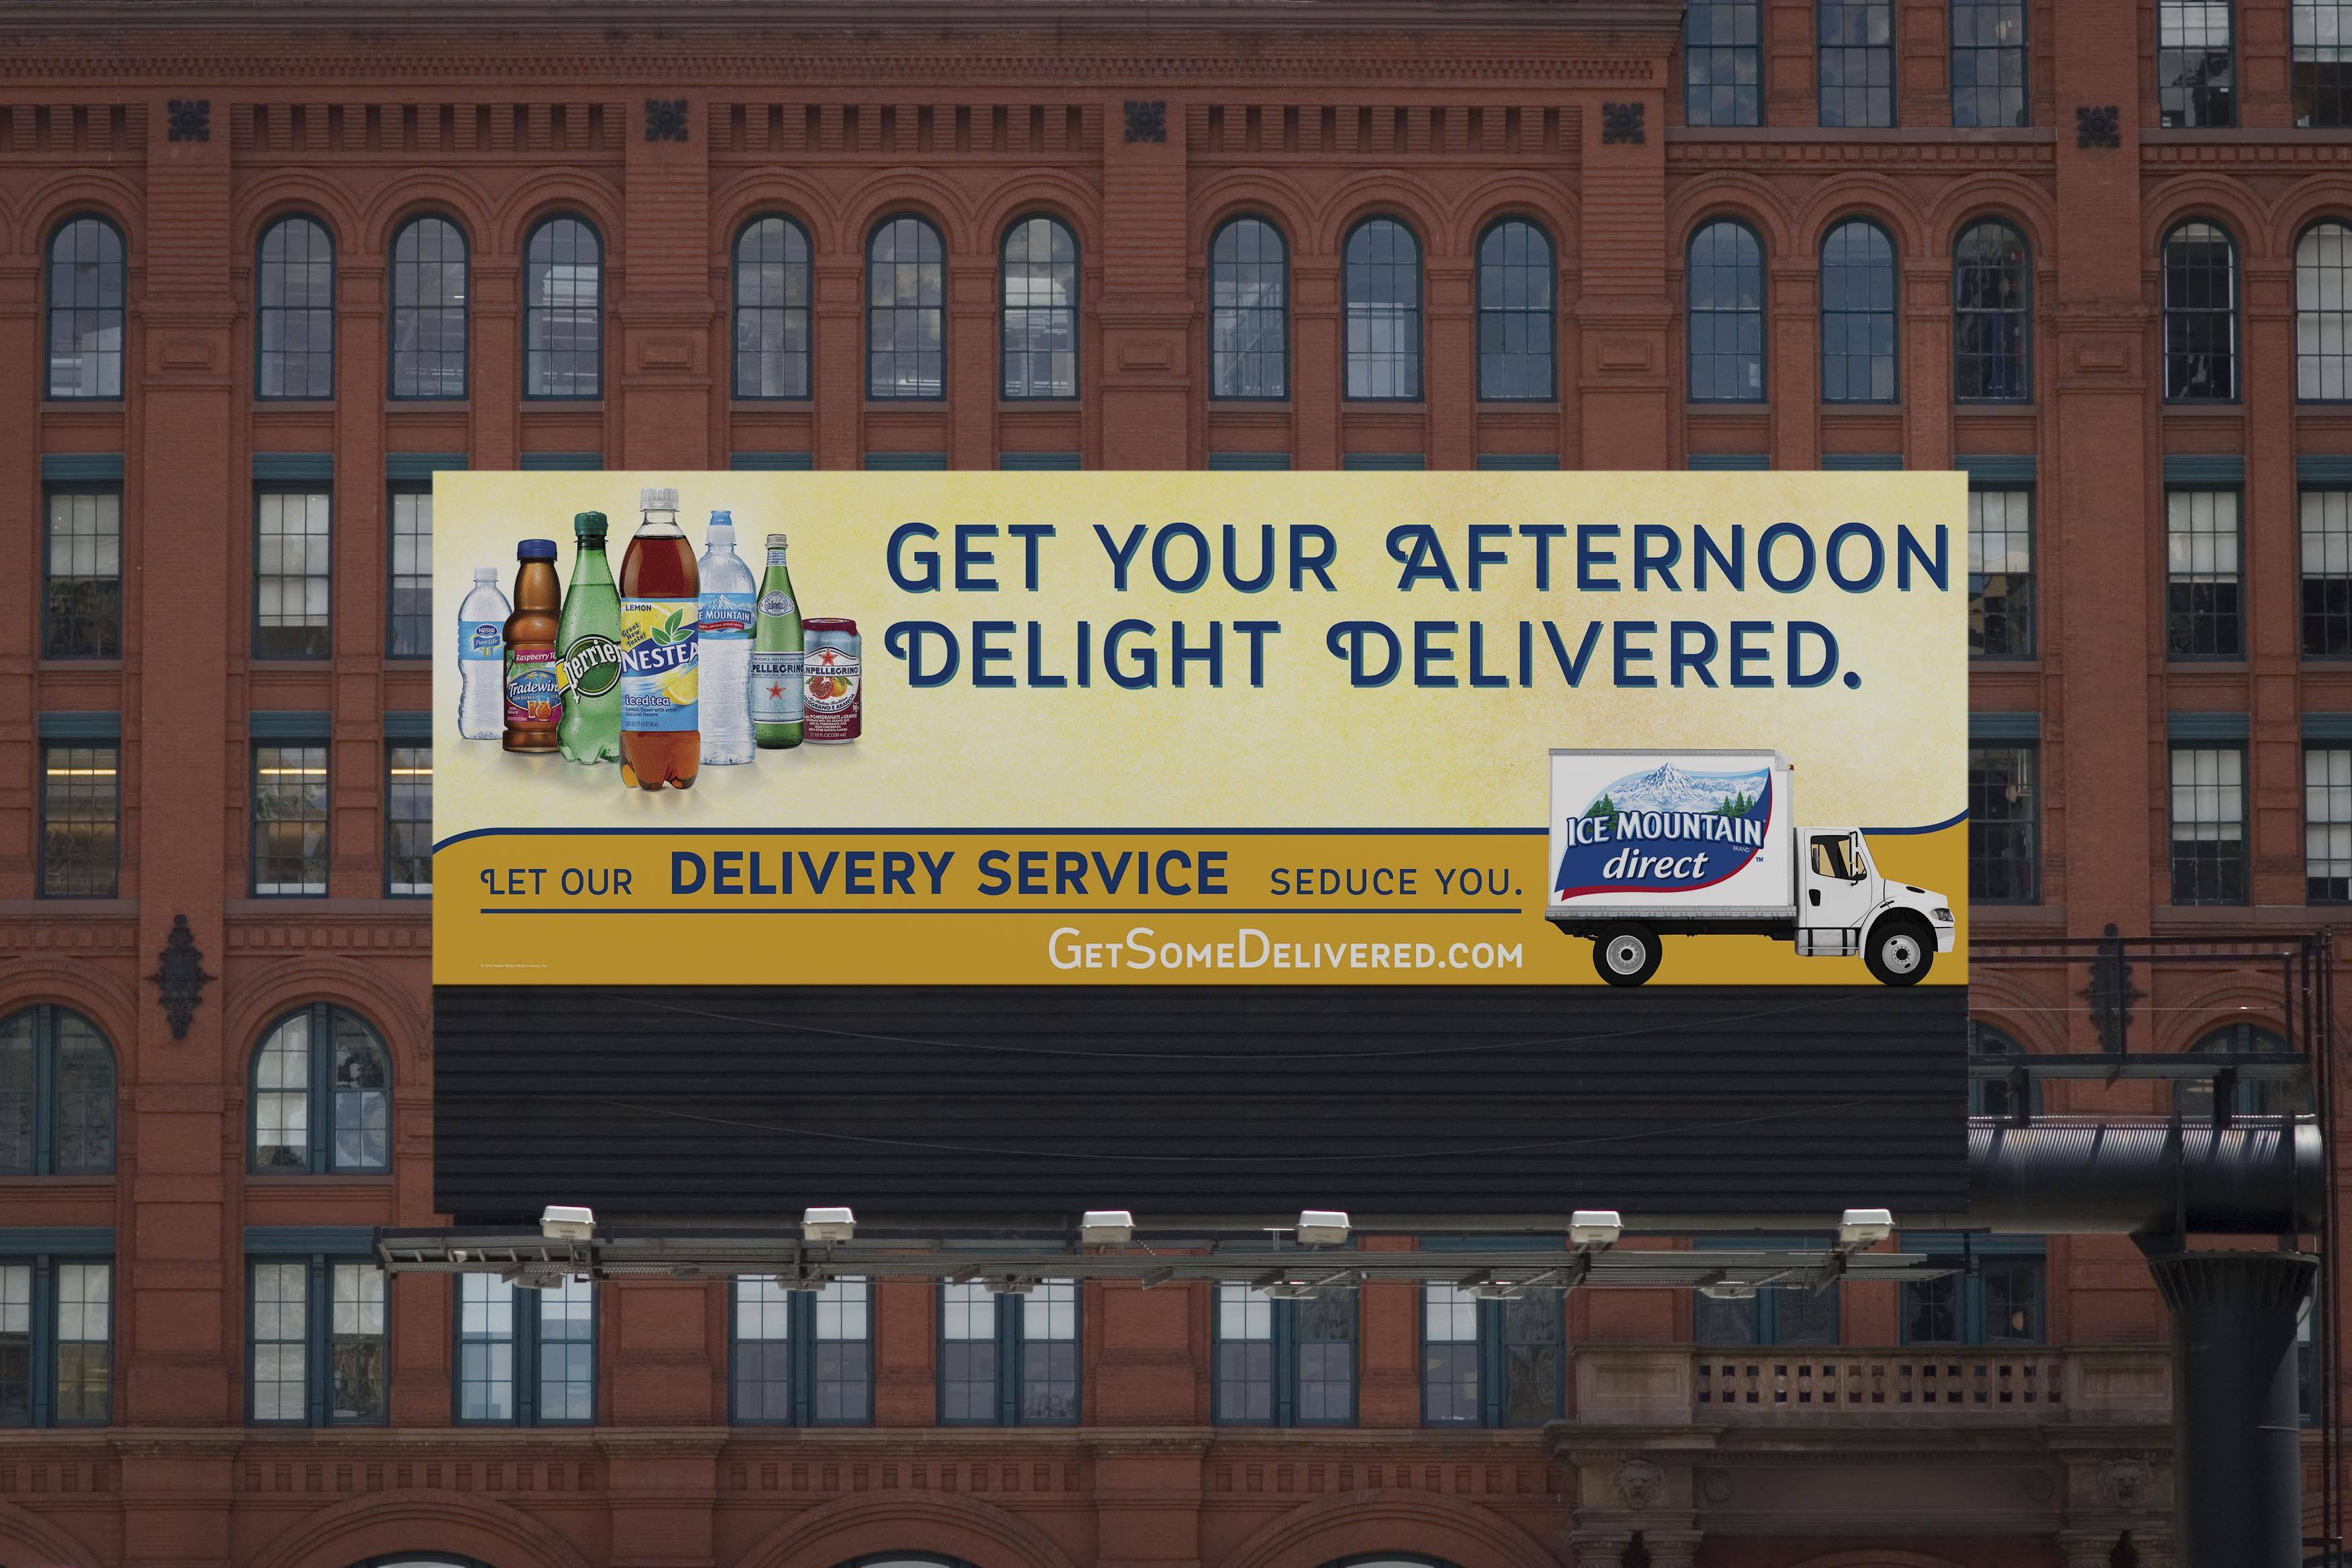 Get Your Afternoon Delight Delivered Billboard